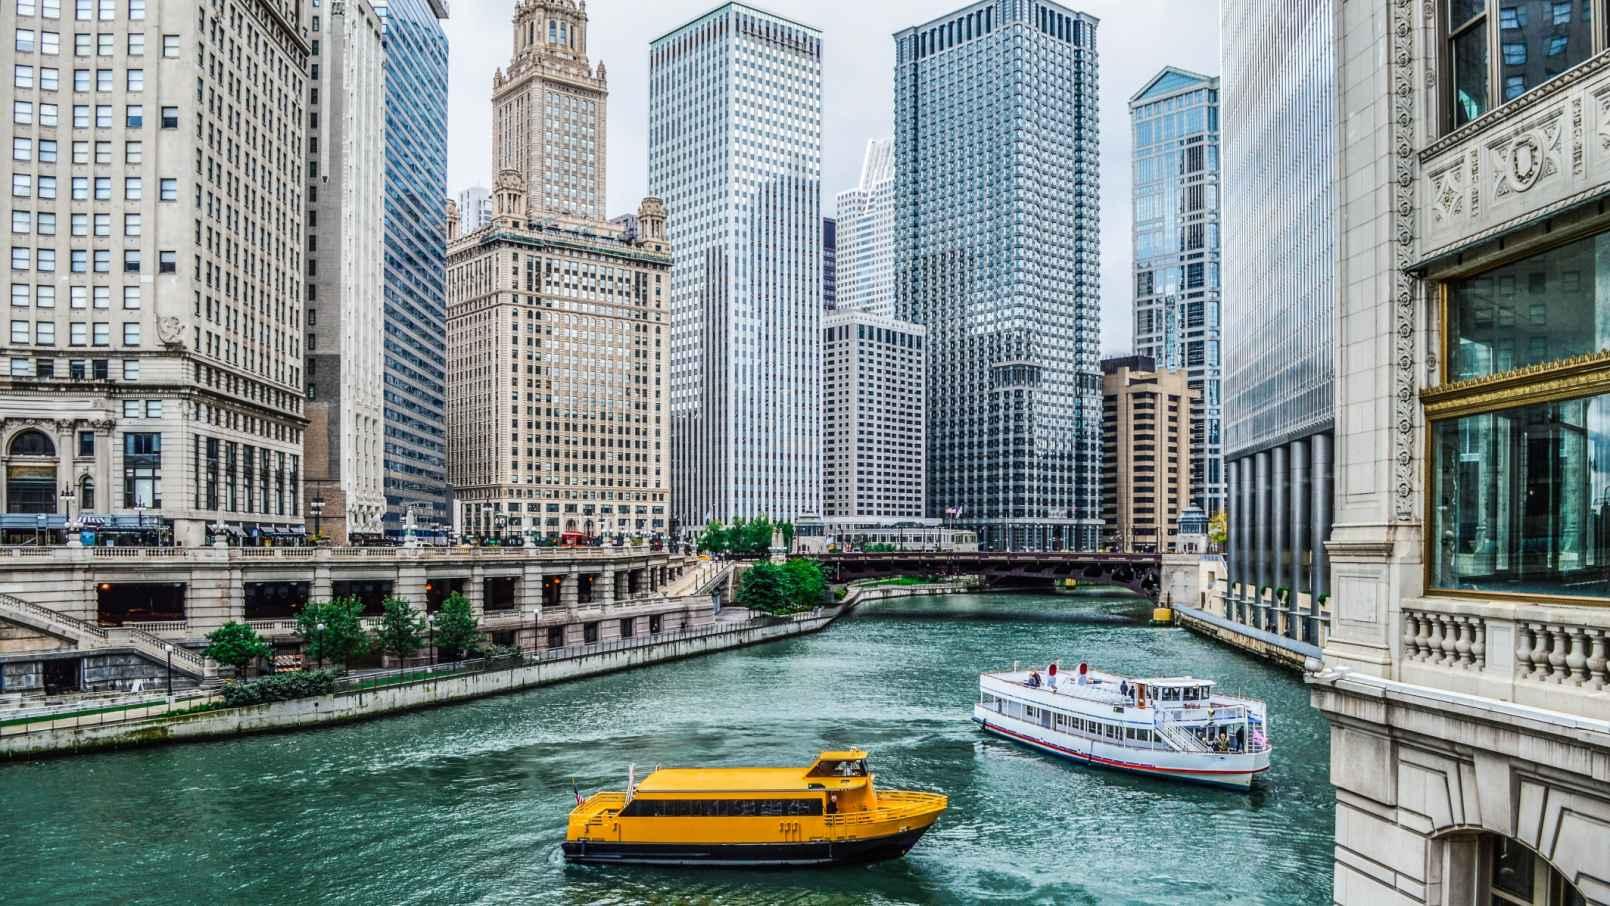 """Chicago environmental challenges - Brand USA presenta la iniciativa """"Brand USA Travel Week"""" para inspirar a viajar a los Estados Unidos desde el Reino Unido y Europa"""